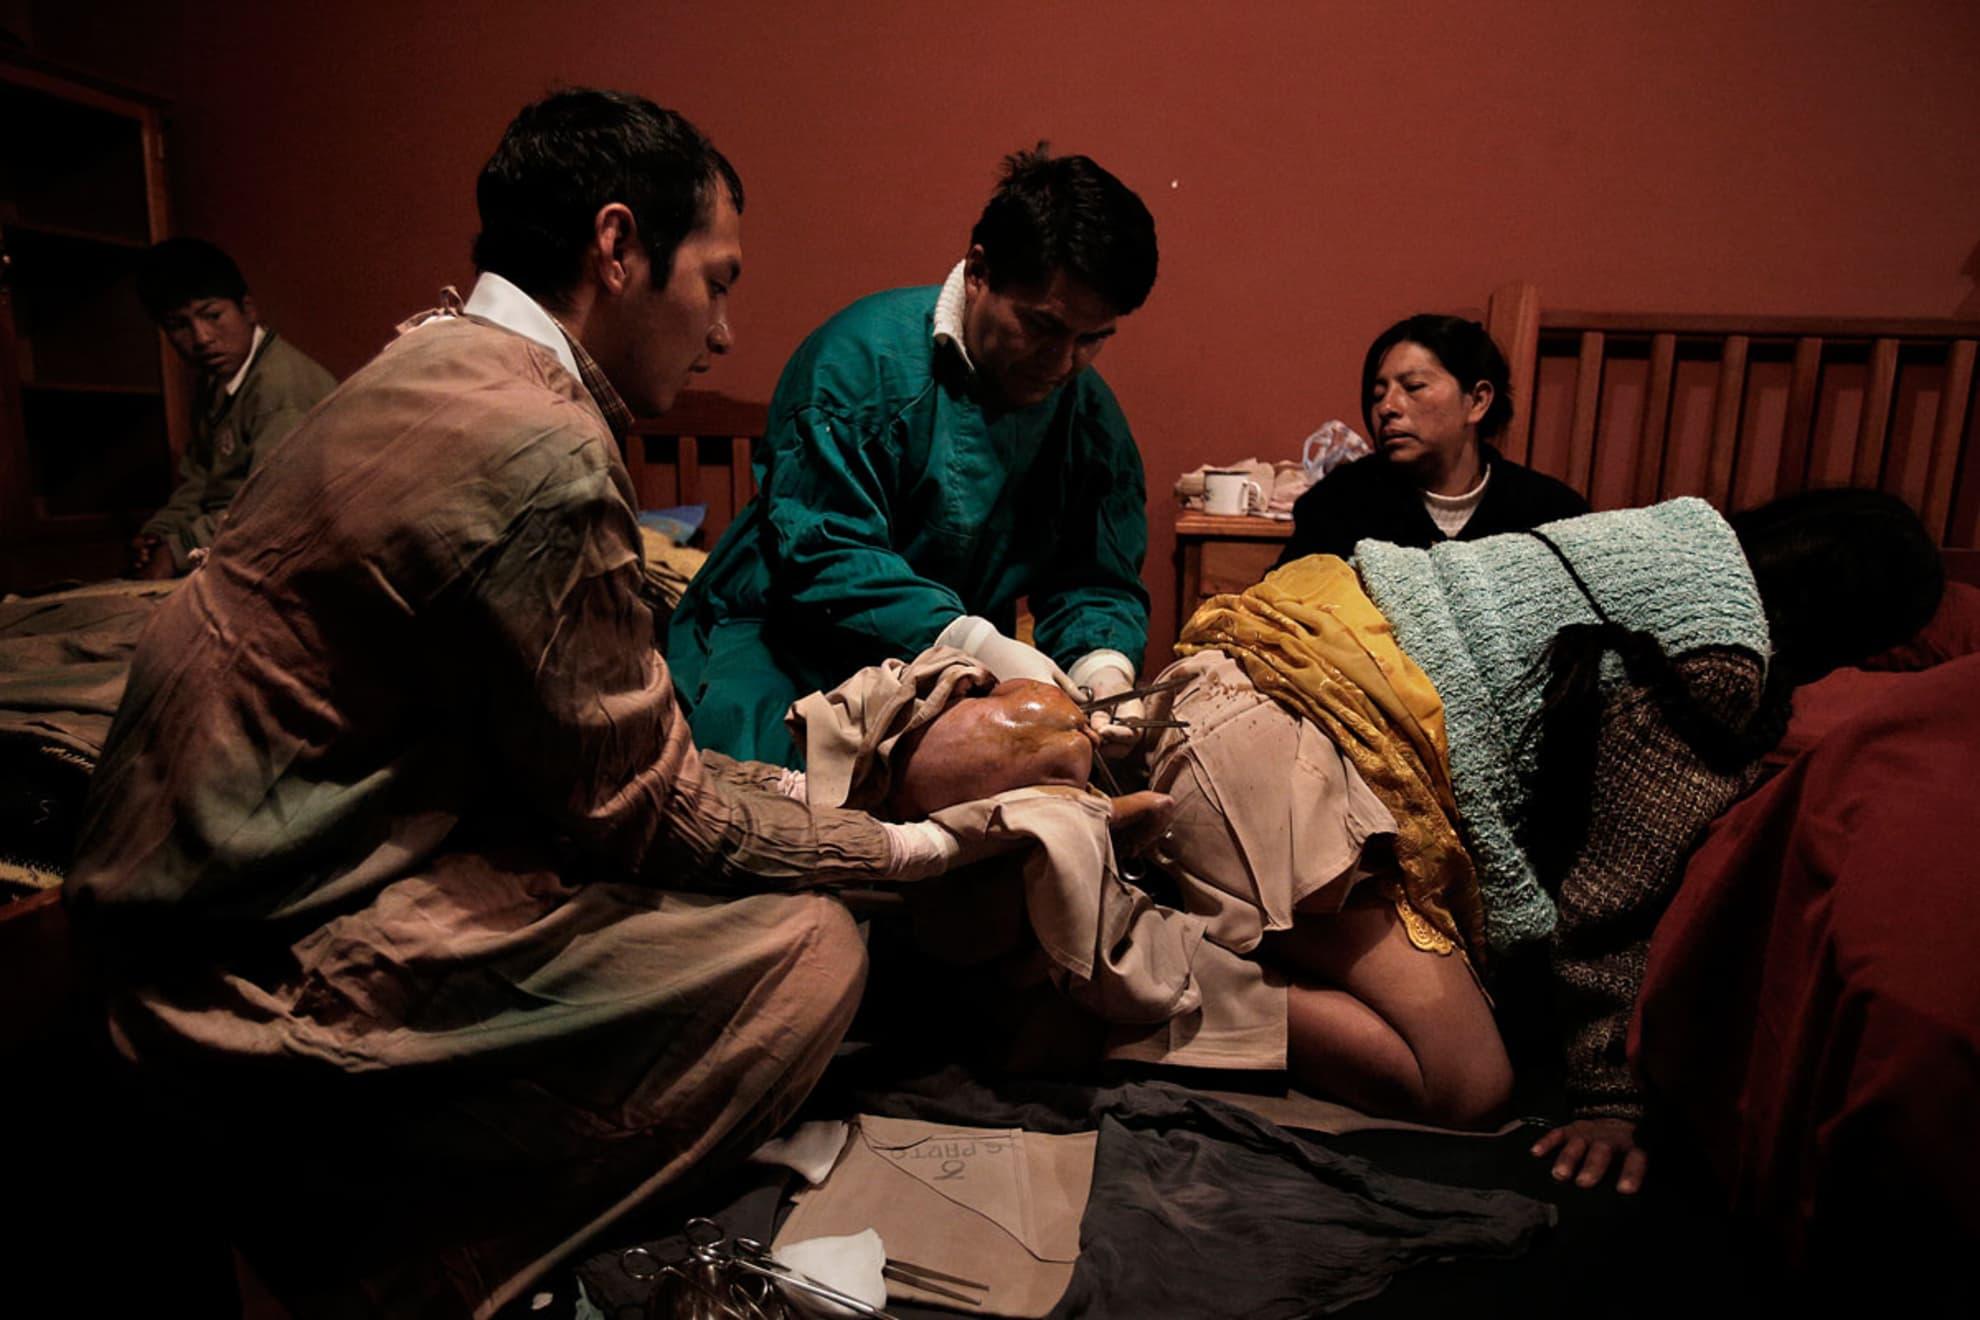 Ceferina Siñani Chiparer, 31 años, dando a luz en la sala de adecuación cultural del hospital de Patacamaya con la ayuda del personal medico. Su hijo Jose Armando, 12 años observa.